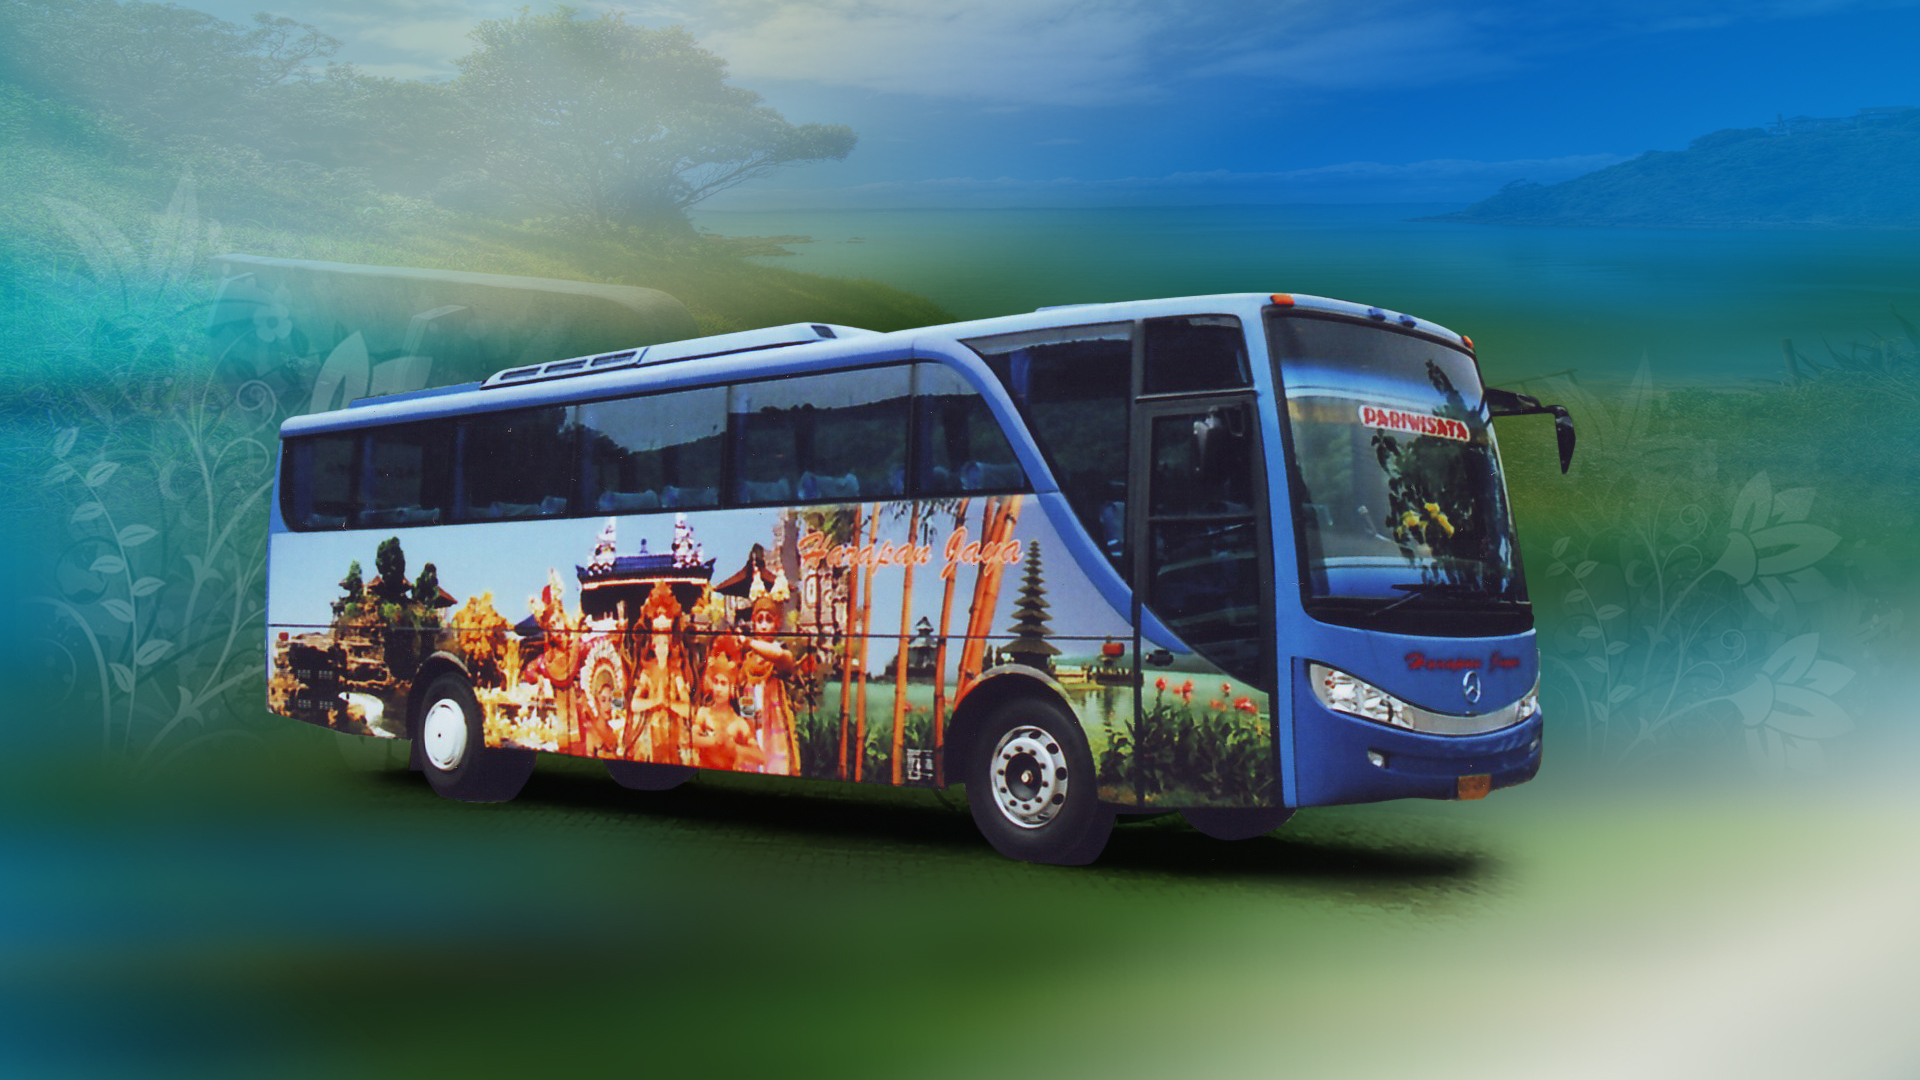 Bus Wallpaper Malam Patas Pariwisata 1920x1080